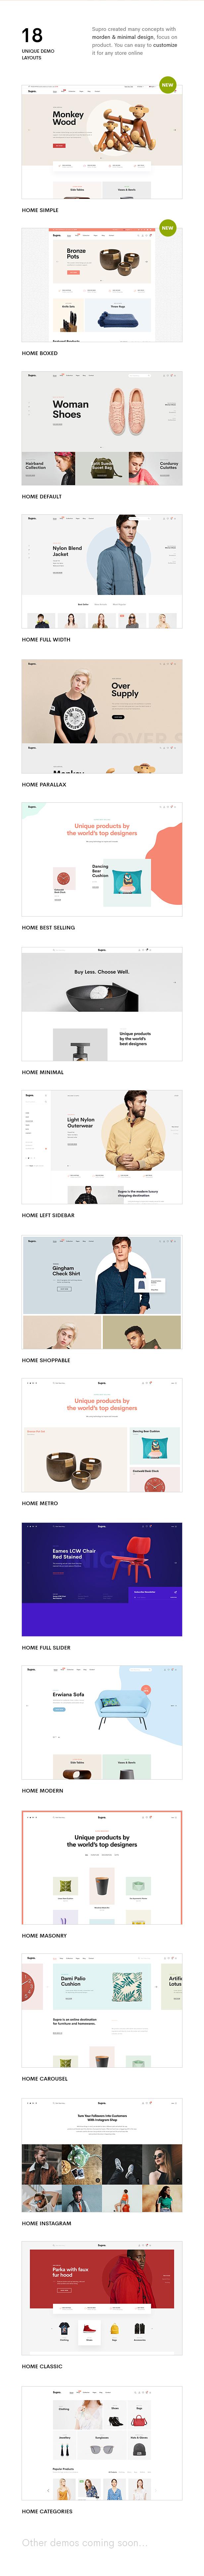 Supro - Minimalist AJAX WooCommerce WordPress Theme - 9